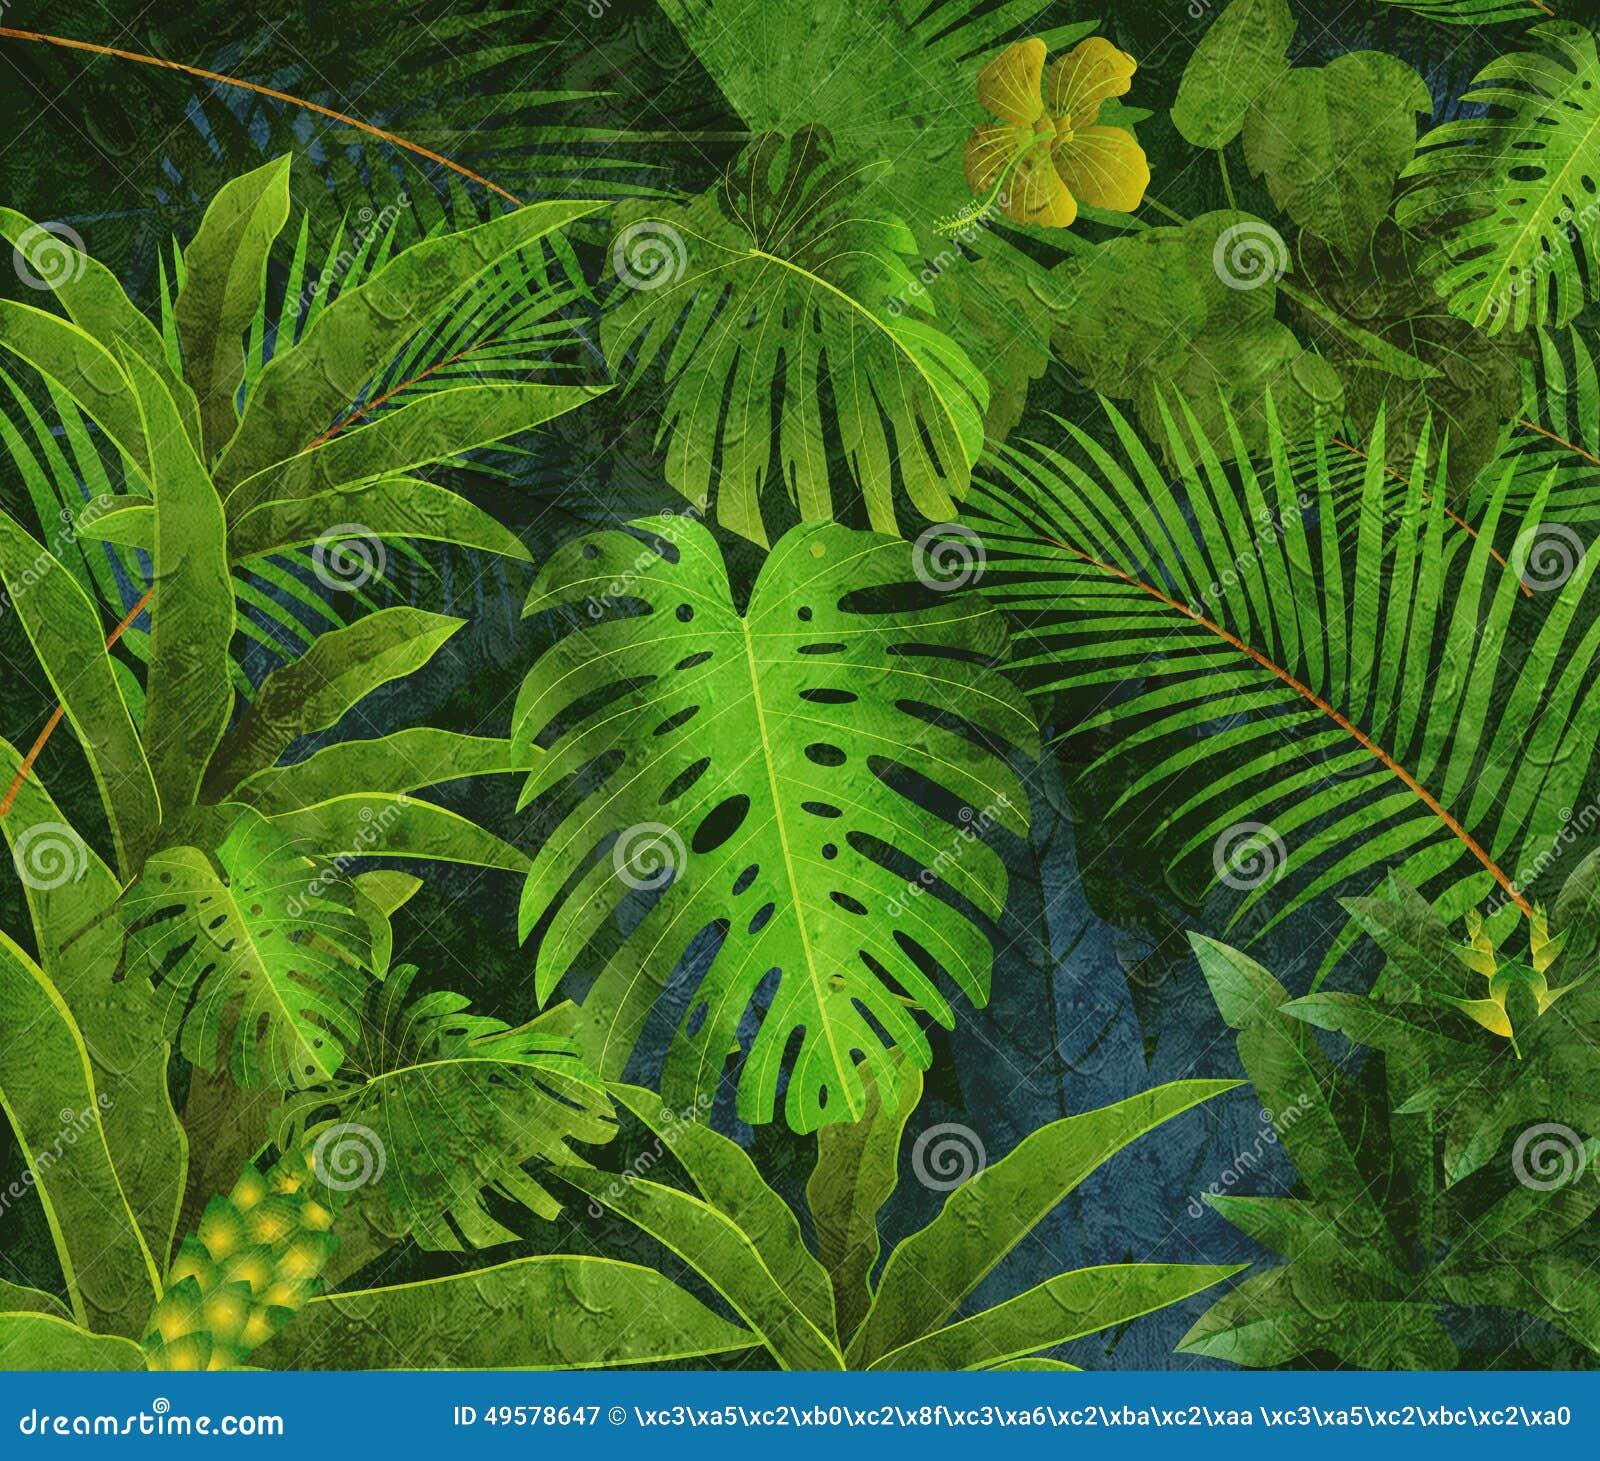 Rainforest Green Paint